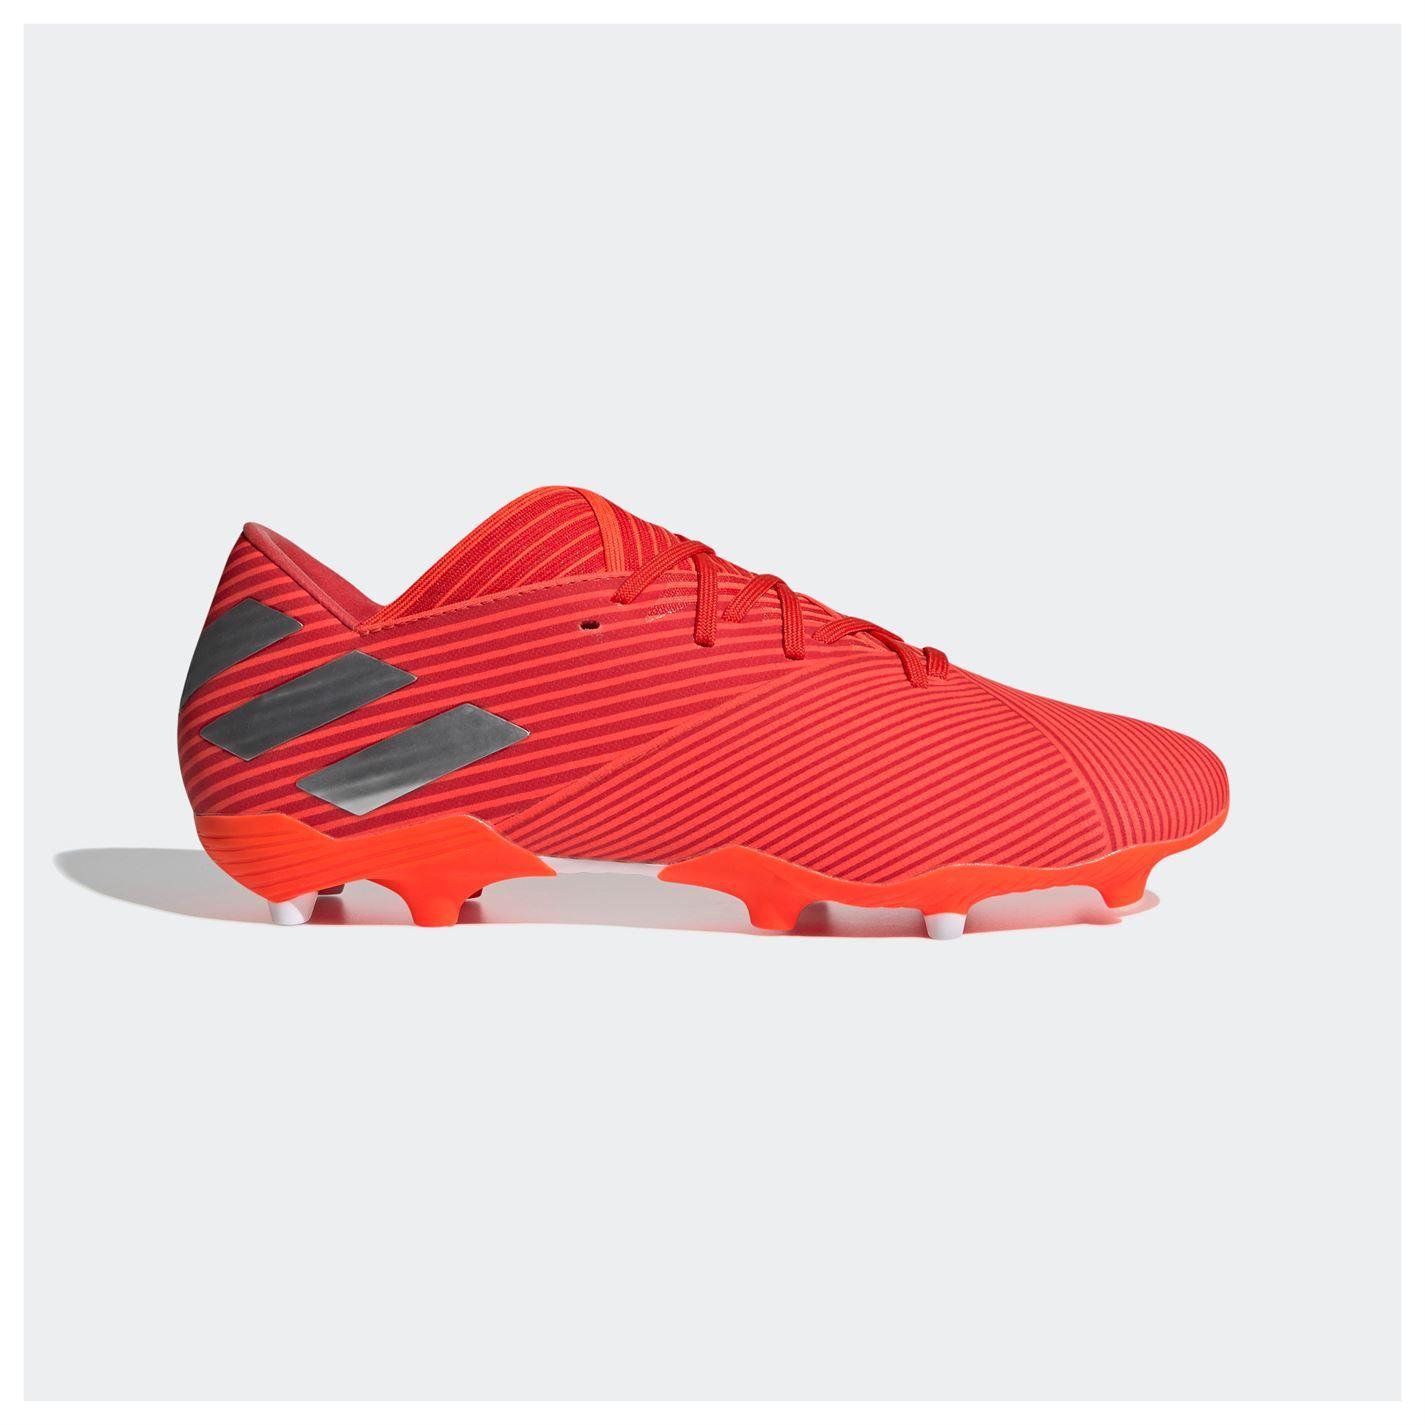 Adidas-nemeziz-19-2-Firm-Ground-FG-Chaussures-De-Football-Hommes-Soccer-Crampons-Chaussures miniature 19